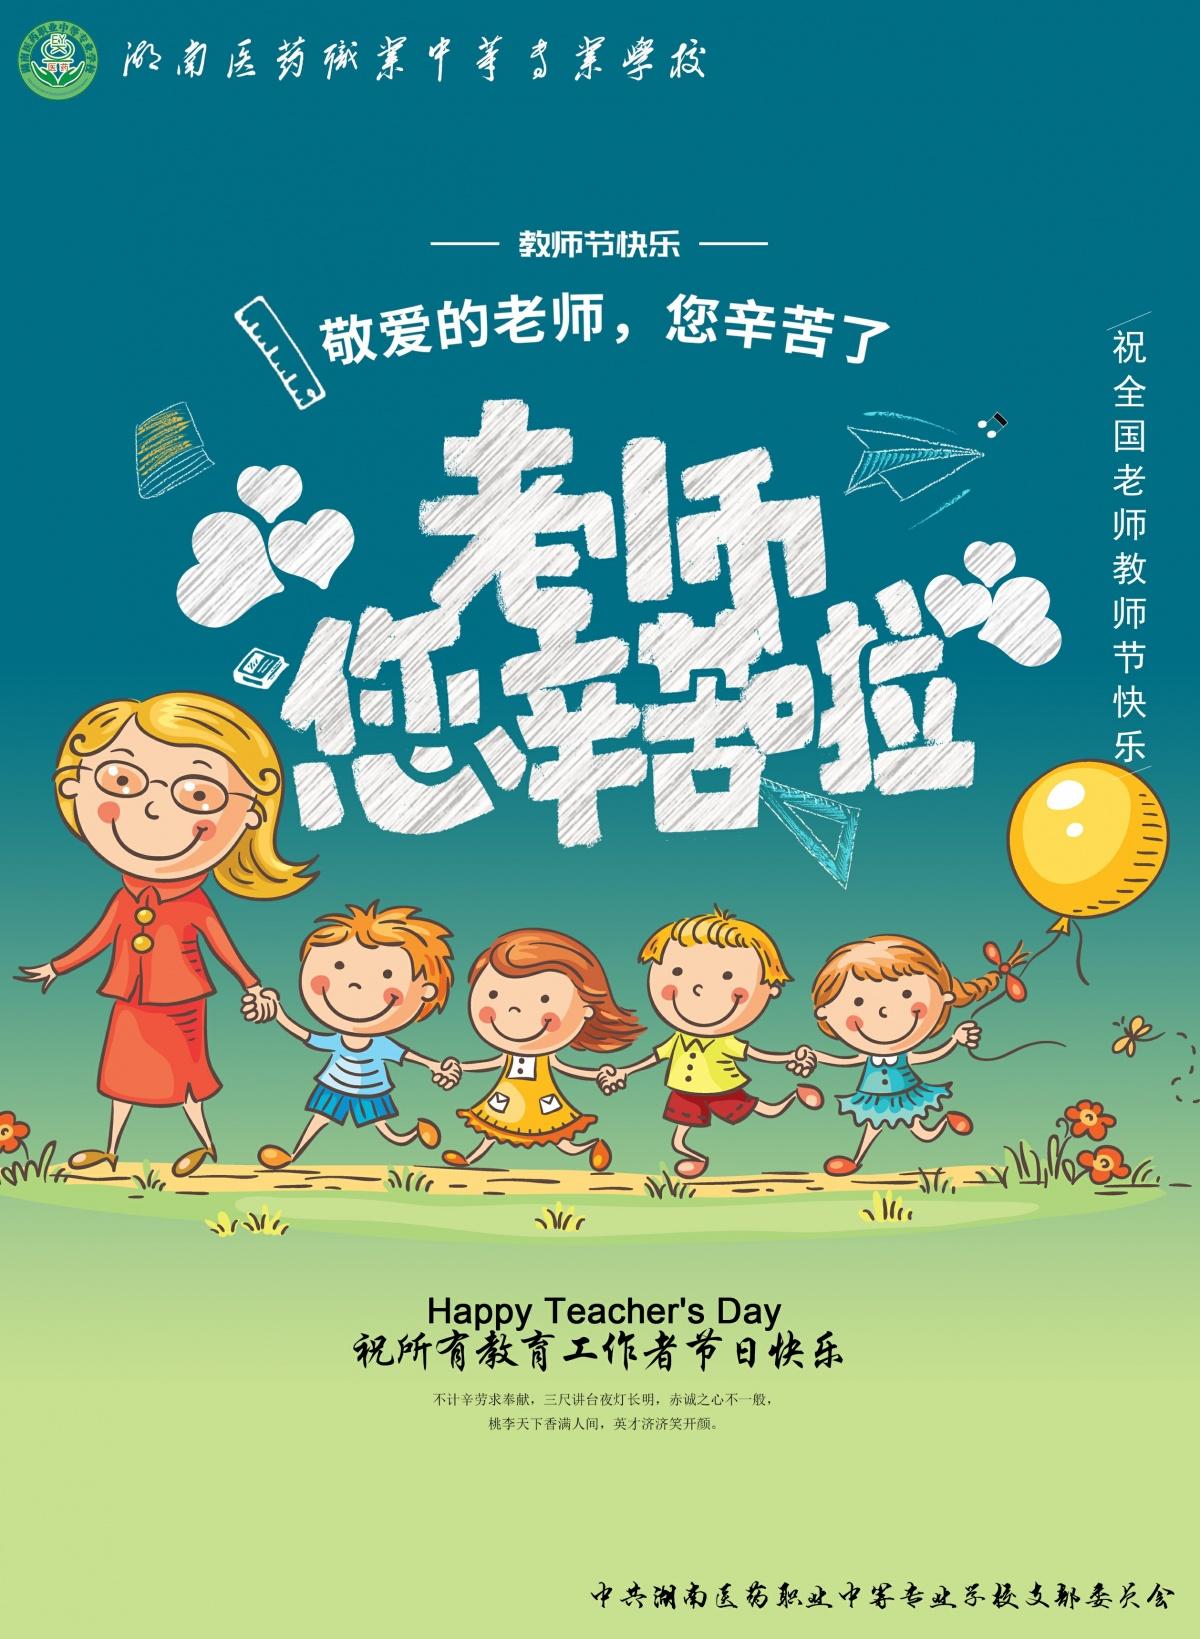 温馨提示:全体医专老师,感恩有你,祝教师节快乐!